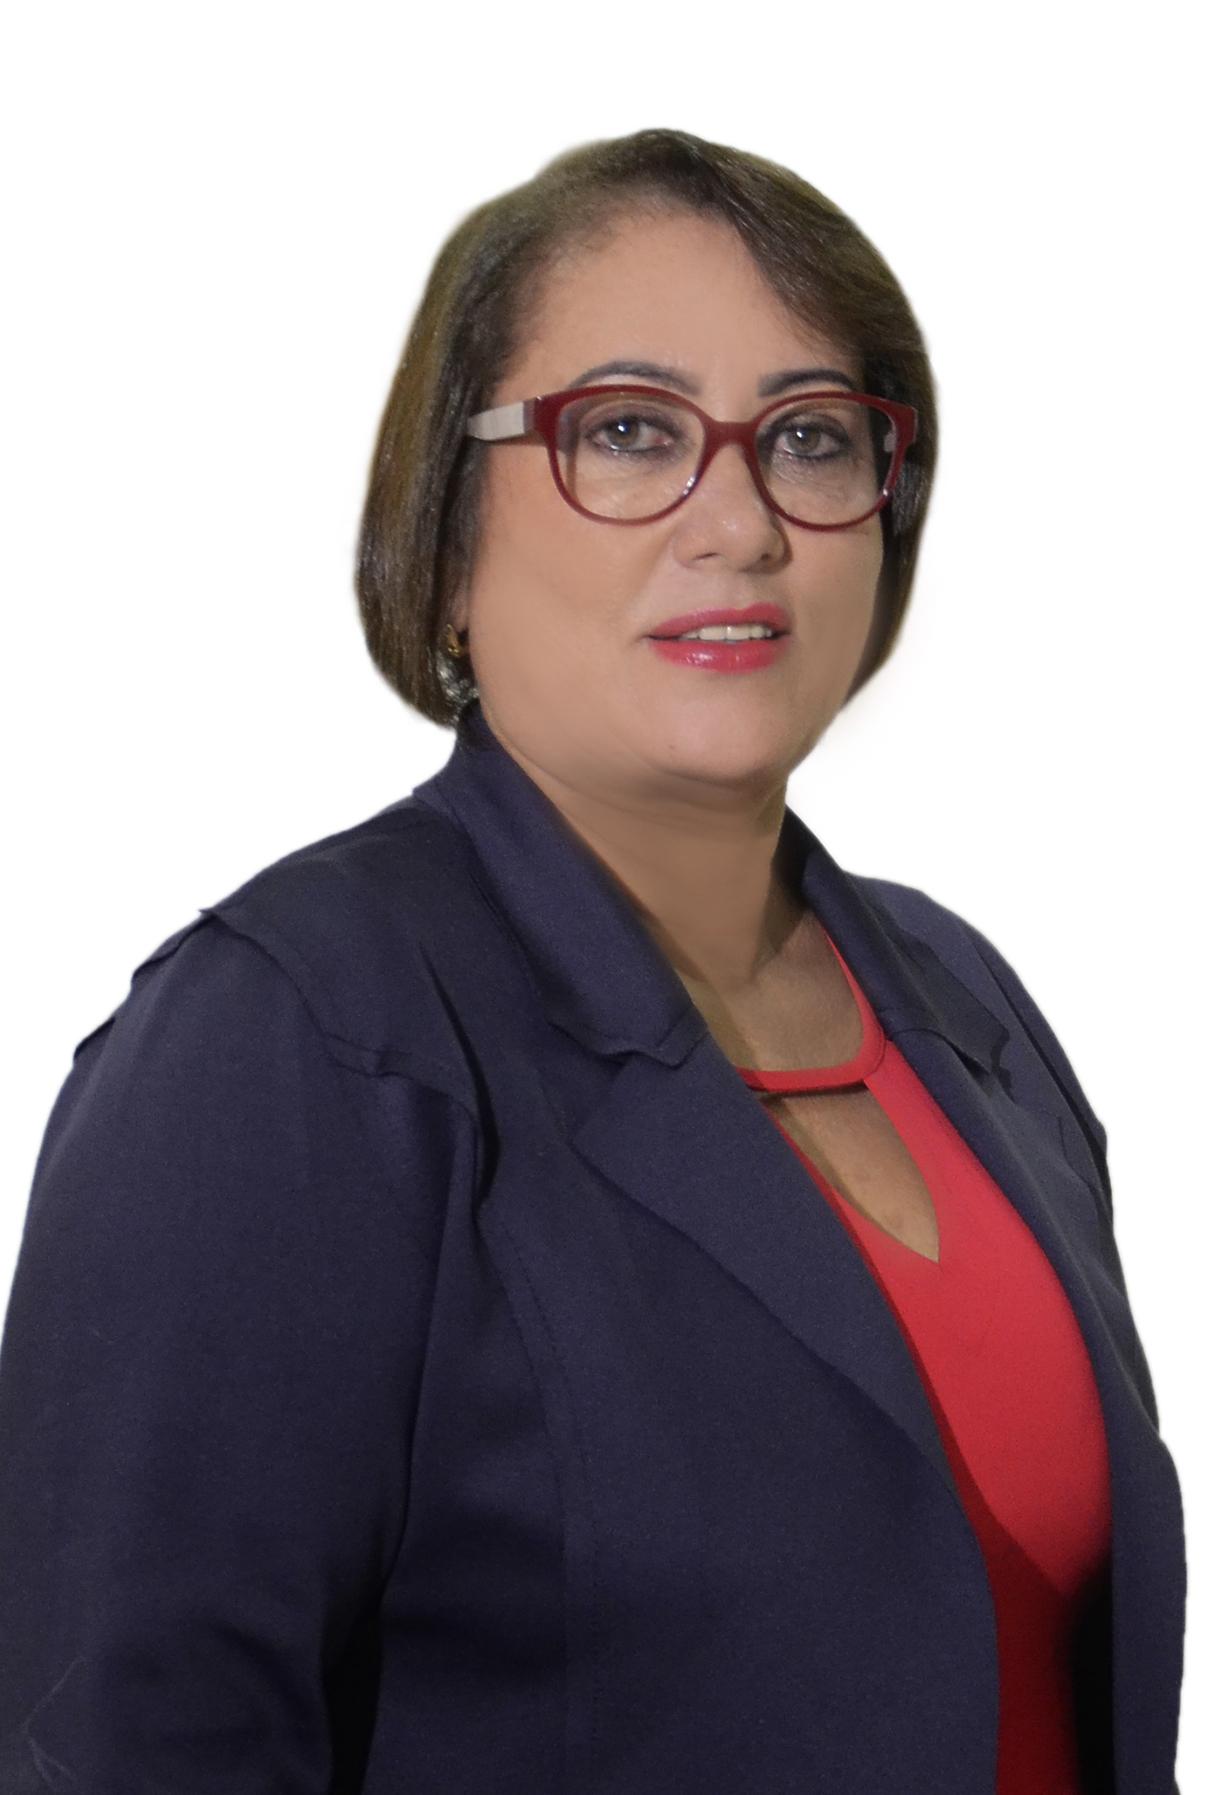 Indicações da Vereadora Jane Márcia para infraestrutura, turismo e comunicação, serão executadas pela prefeitura